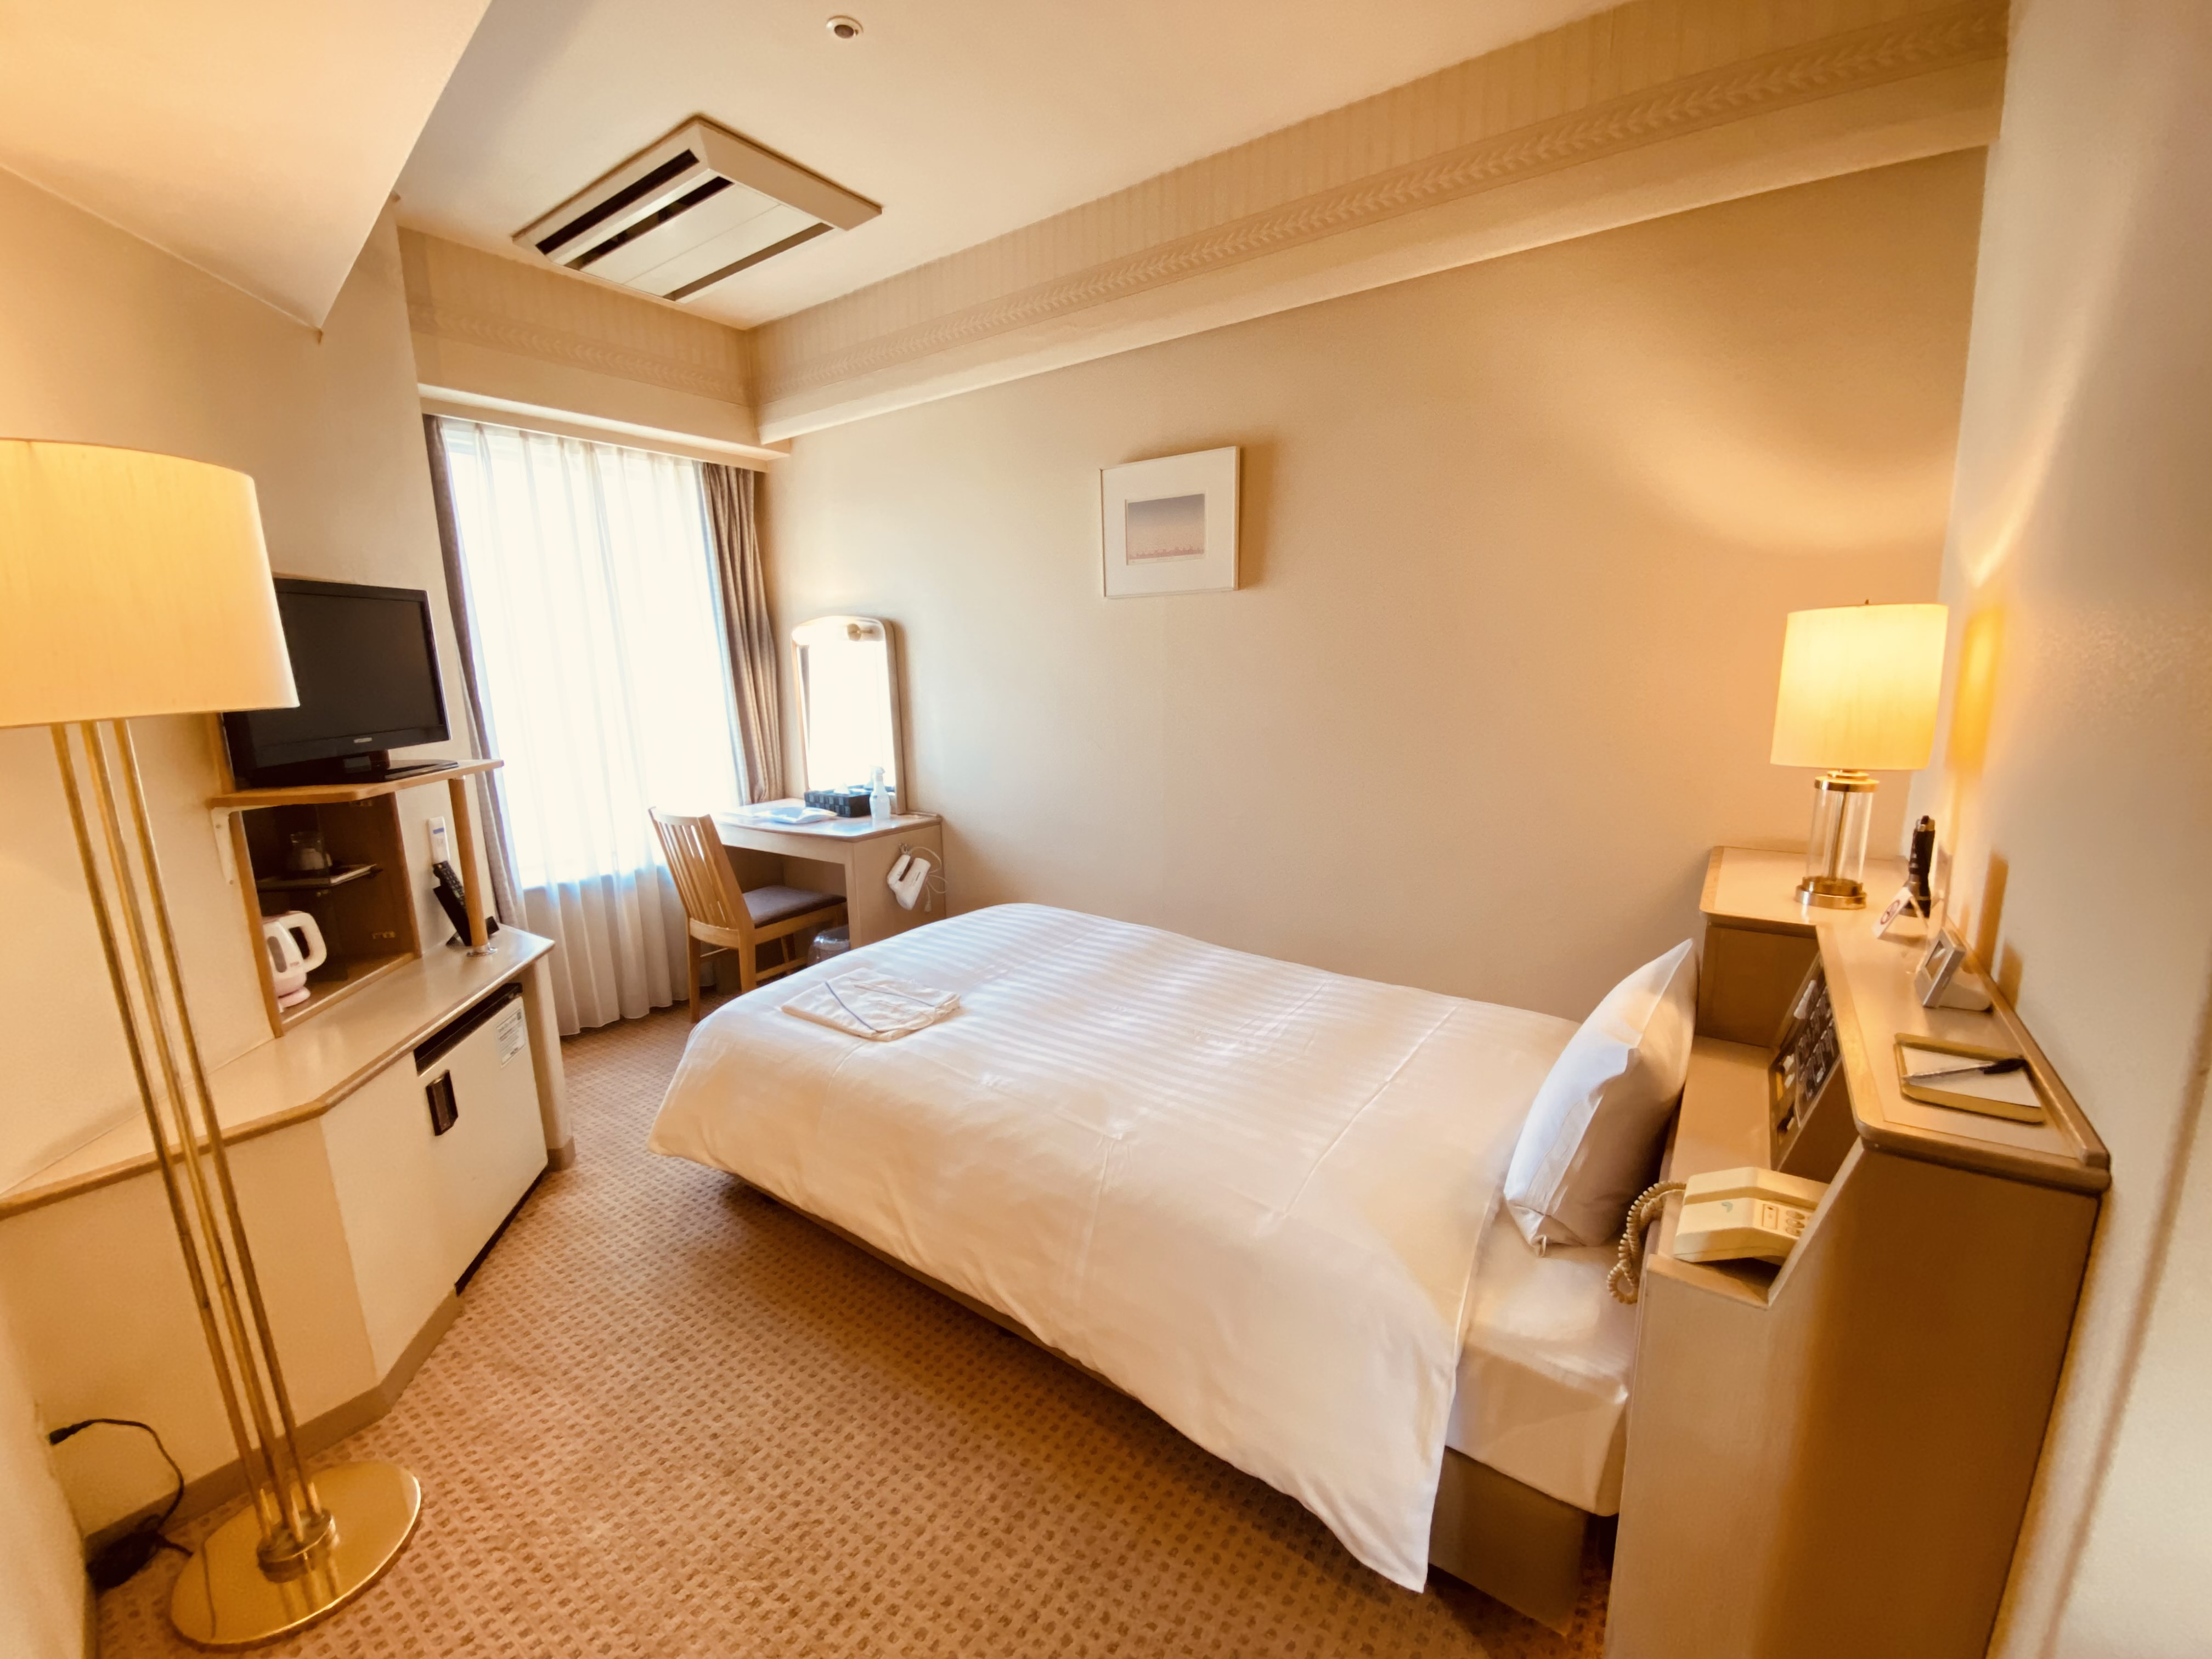 スマイルホテル東京西葛西 【素泊まり】スマイルバリューステイプラン